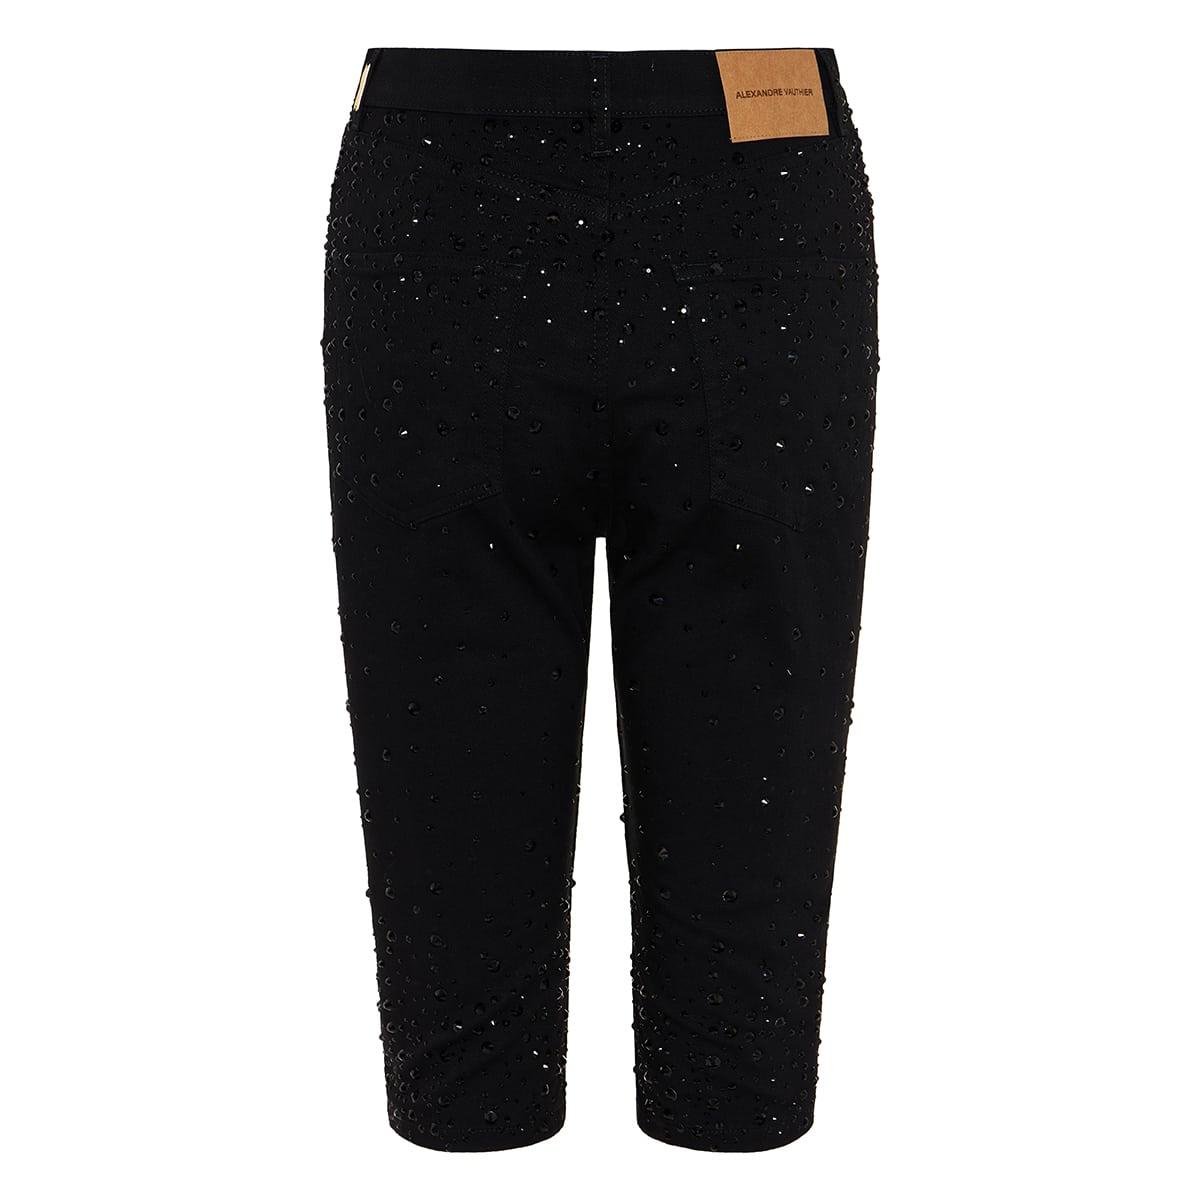 Crystal-embellished denim shorts